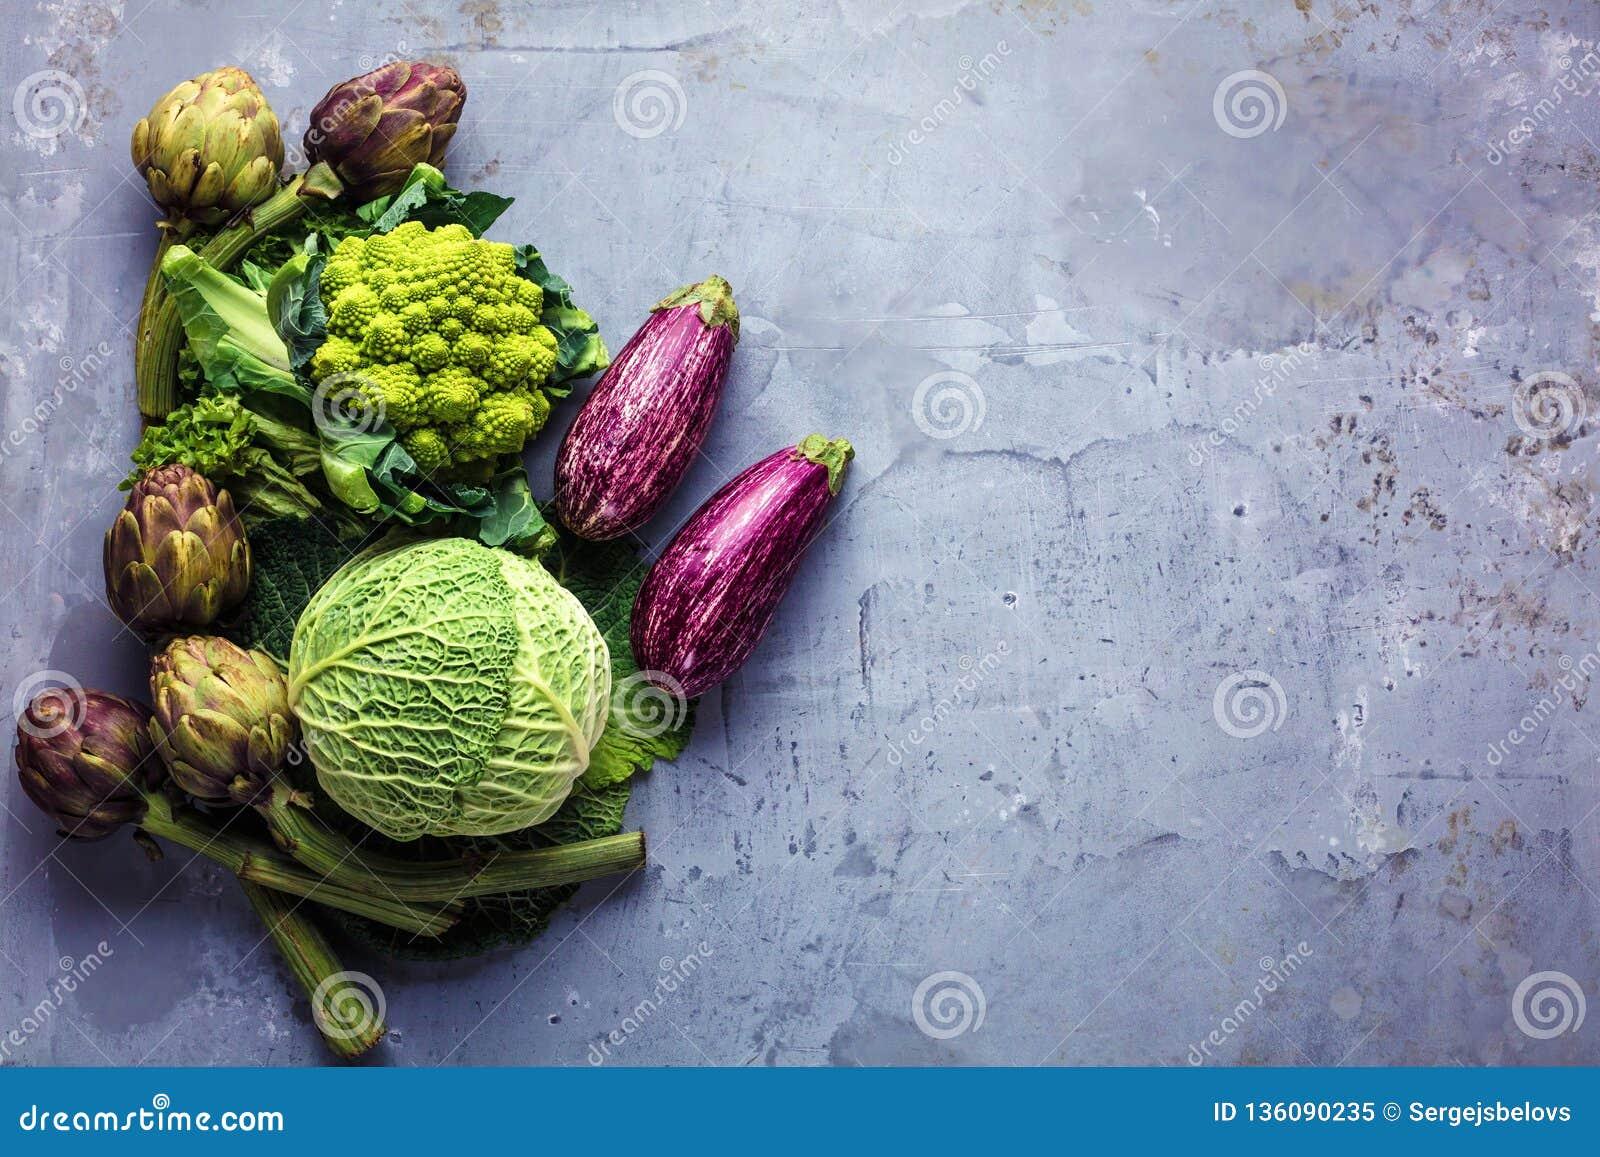 Bästa sikt på nya grönsaker som ordnas runt om gränsen på grå kökcountertop